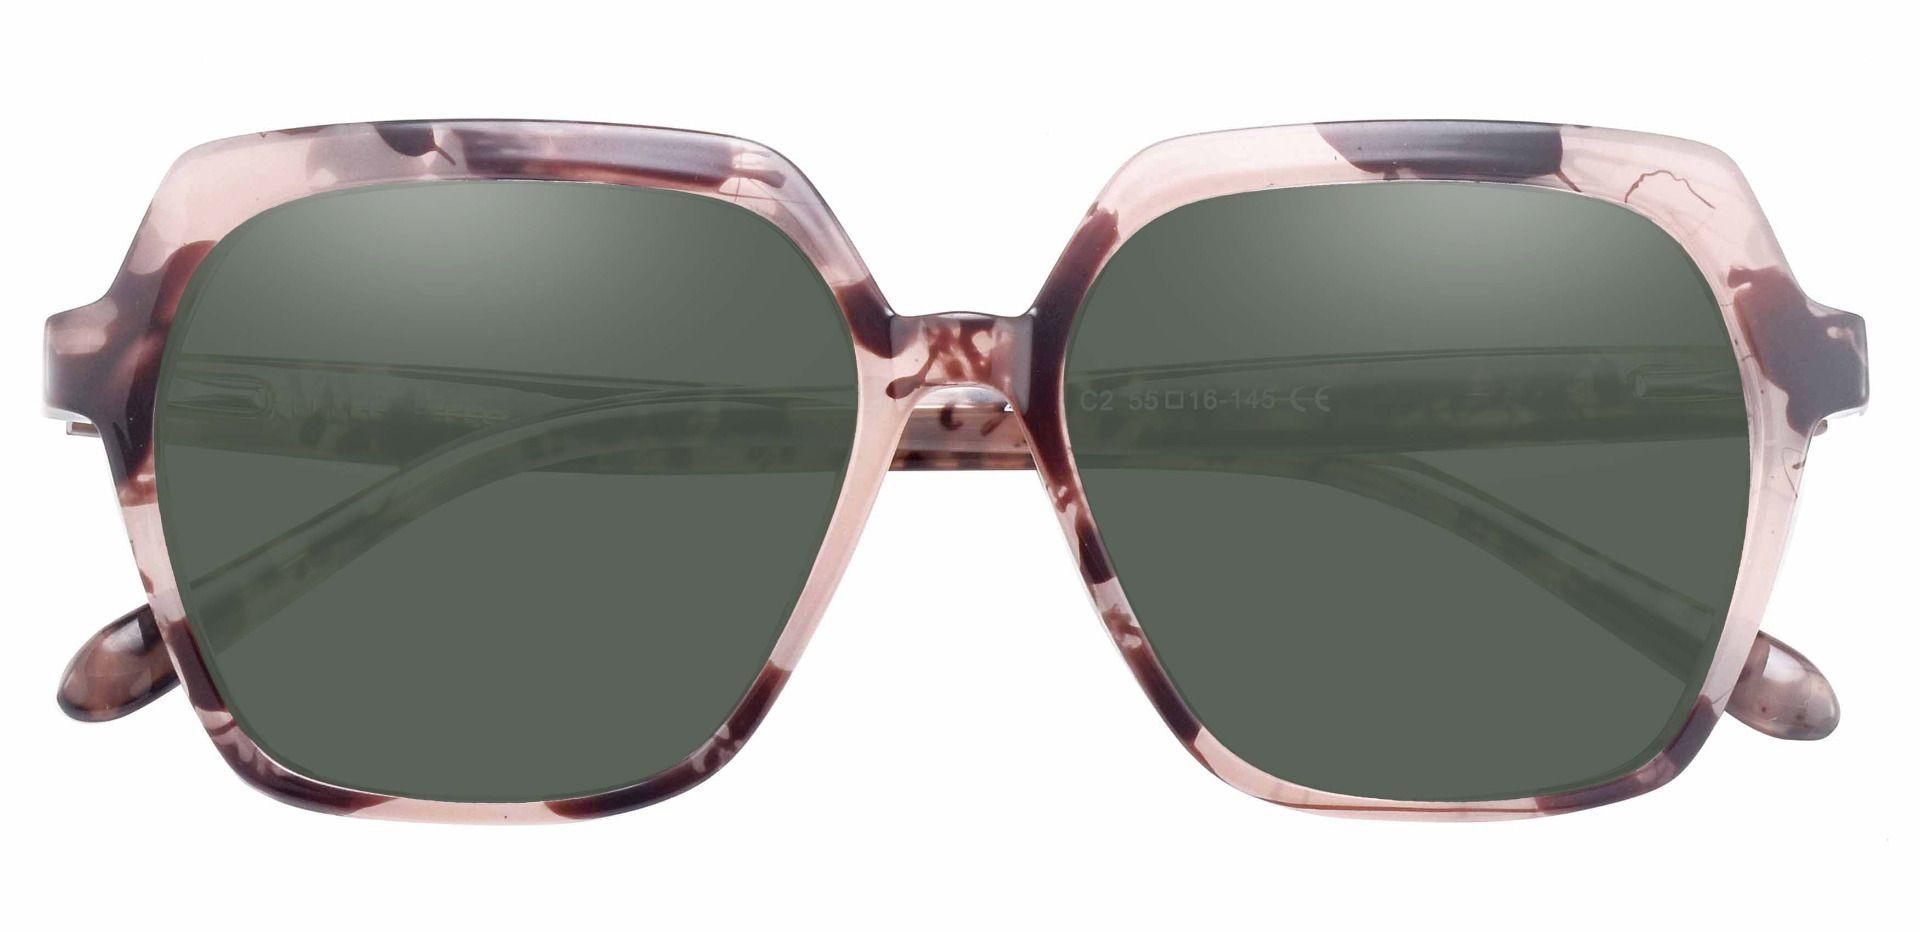 Regent Geometric Prescription Sunglasses - Tortoise Frame With Green Lenses